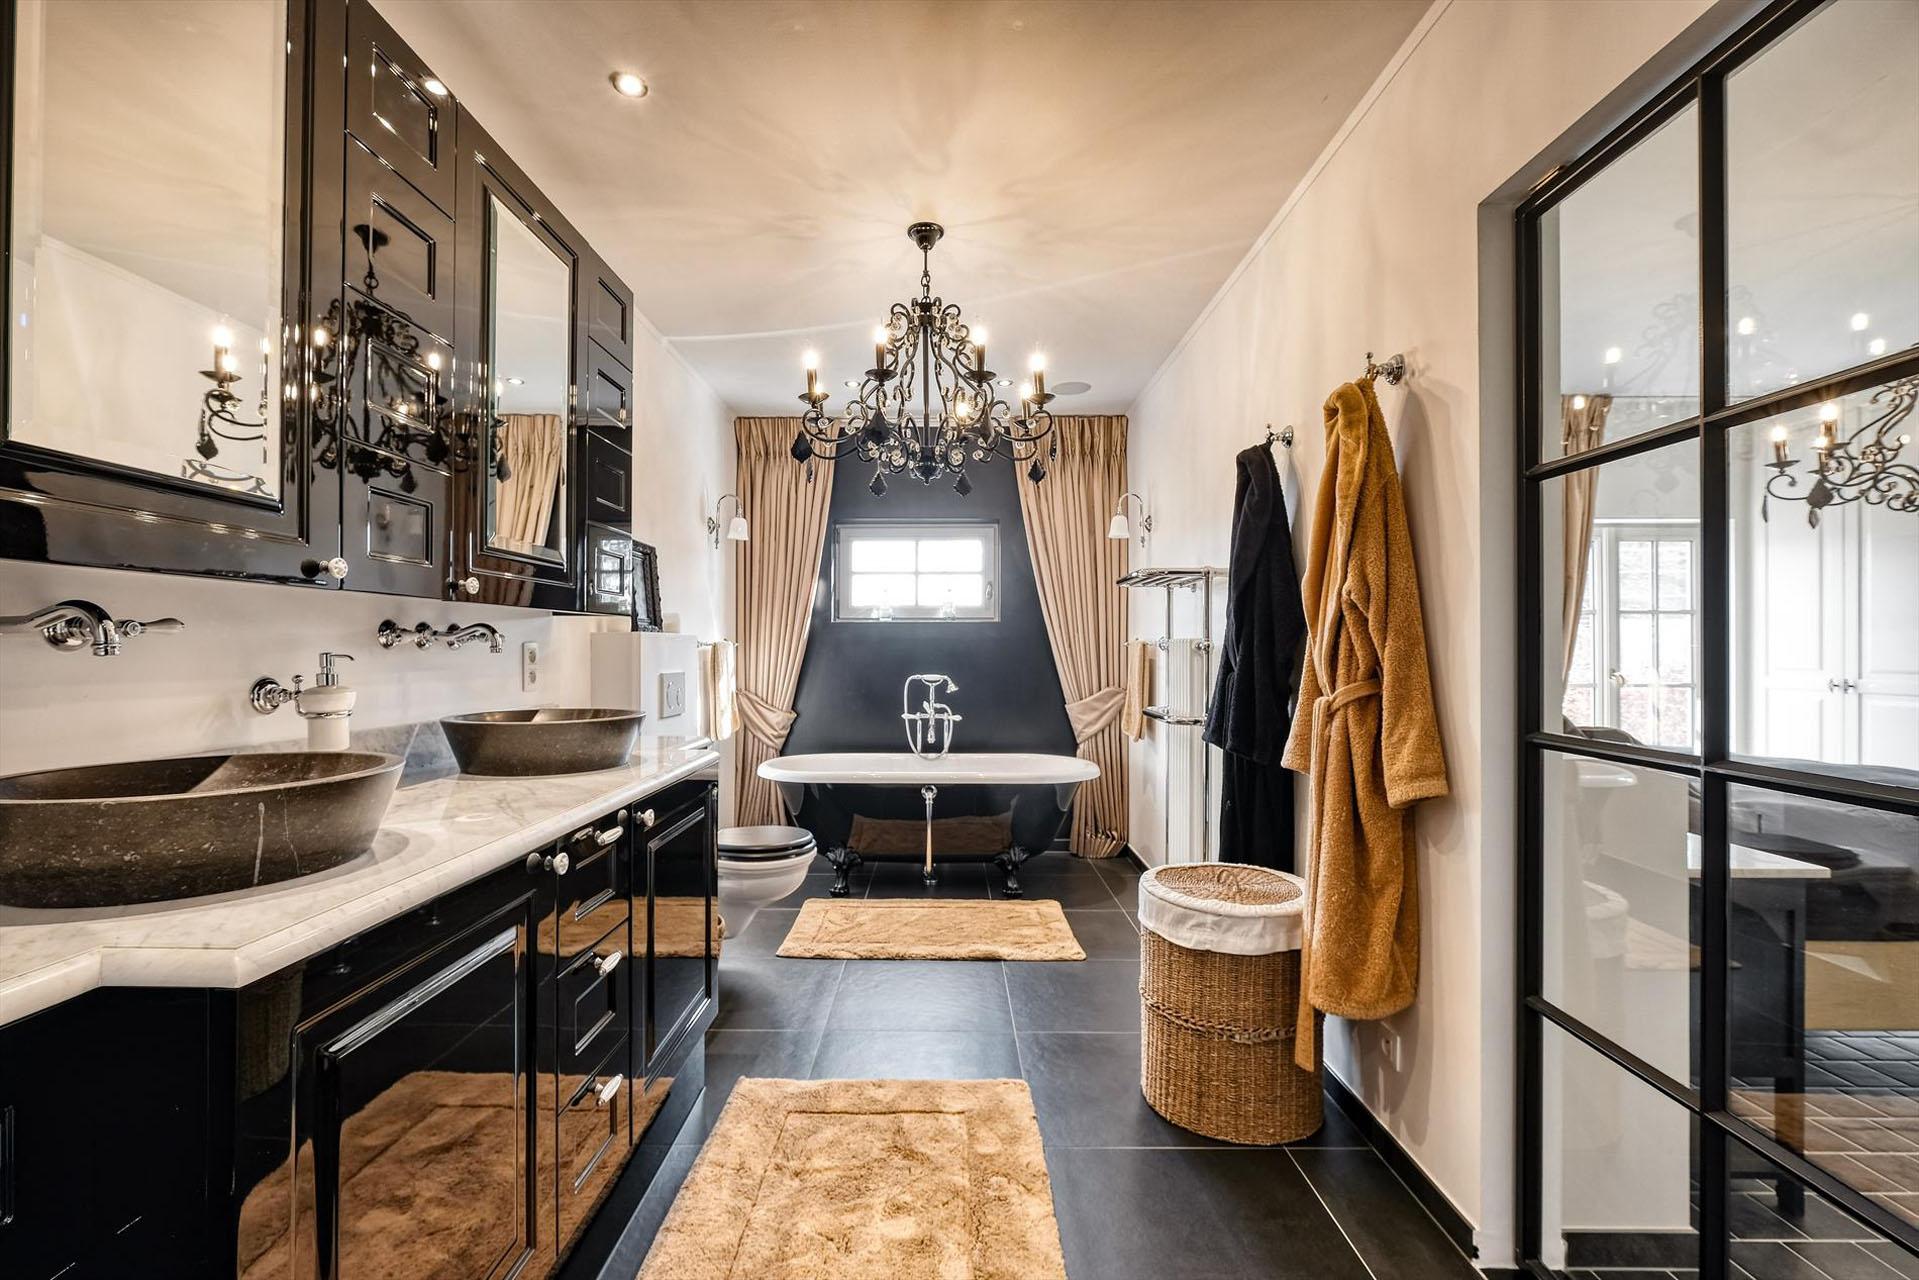 B&W Badkamers   Badkamers en badkamerrenovatie in Heist-op-den-Berg   Luxueuze opvallende badkamer